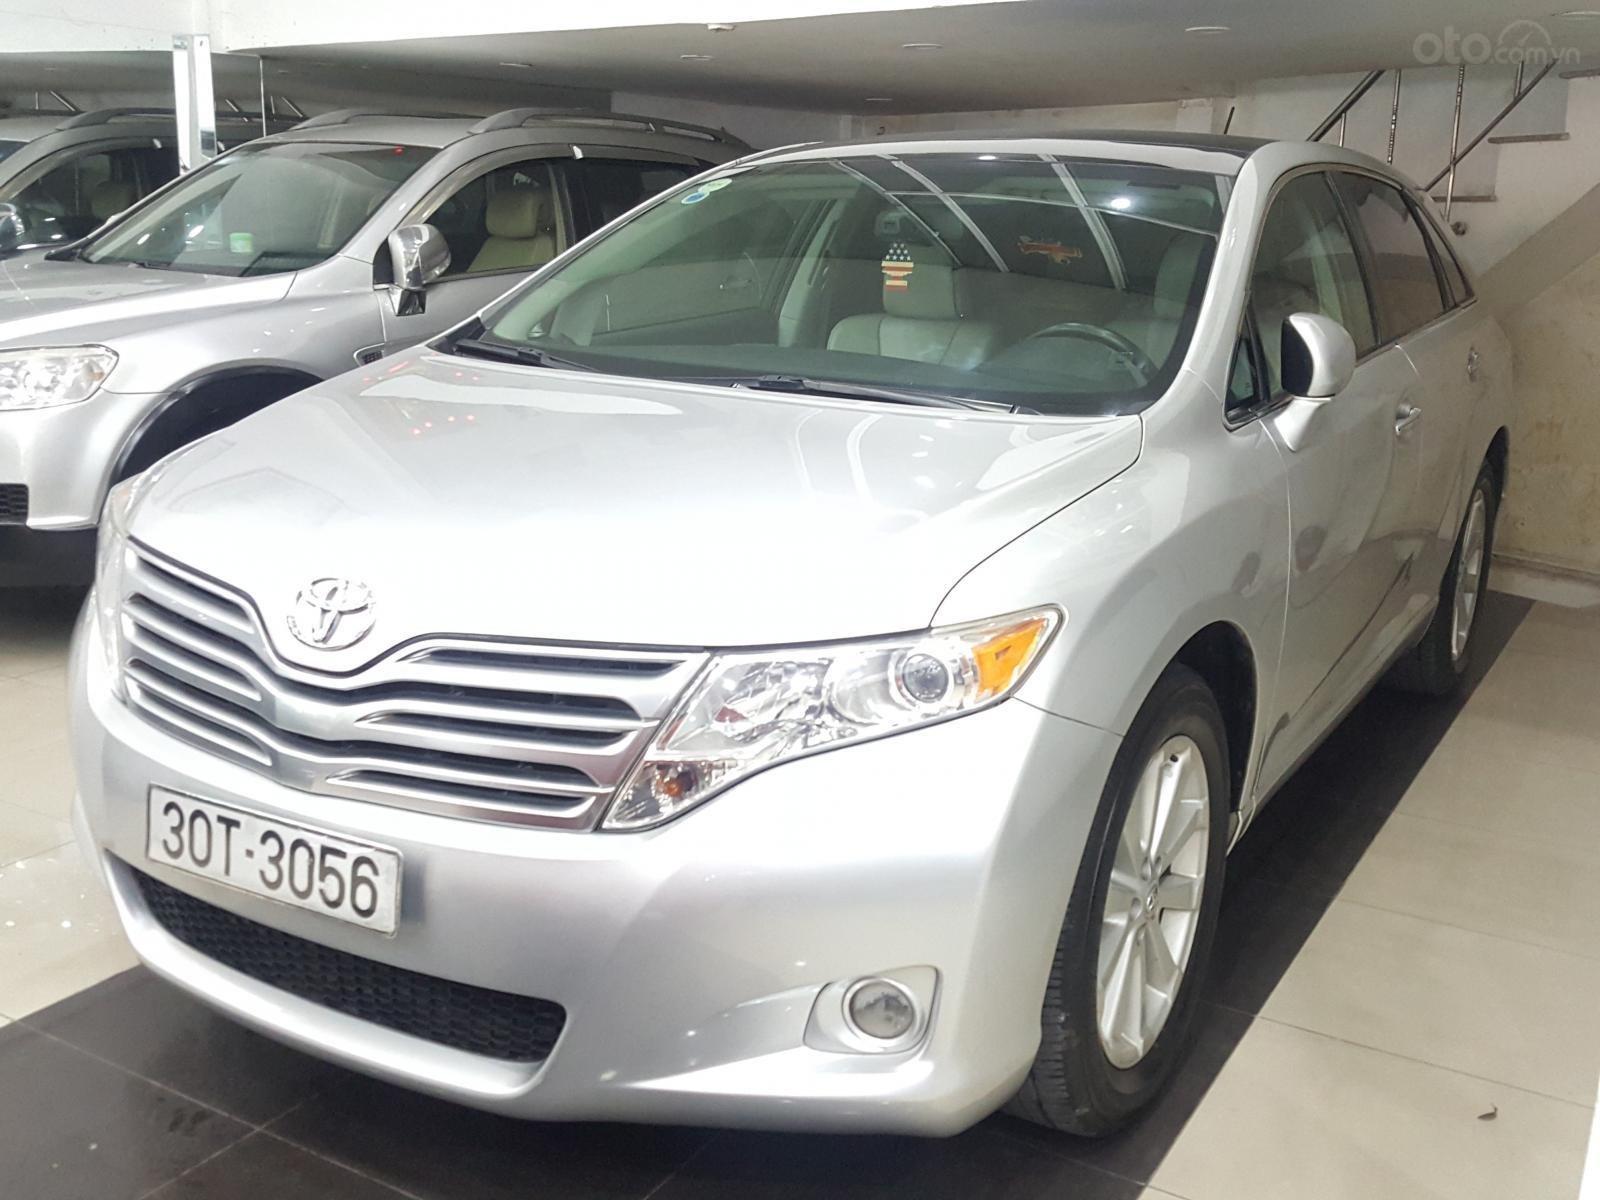 Cần bán Toyota Venza sản xuất 2009 bản full kịch, 1 chủ đi từ mới (1)